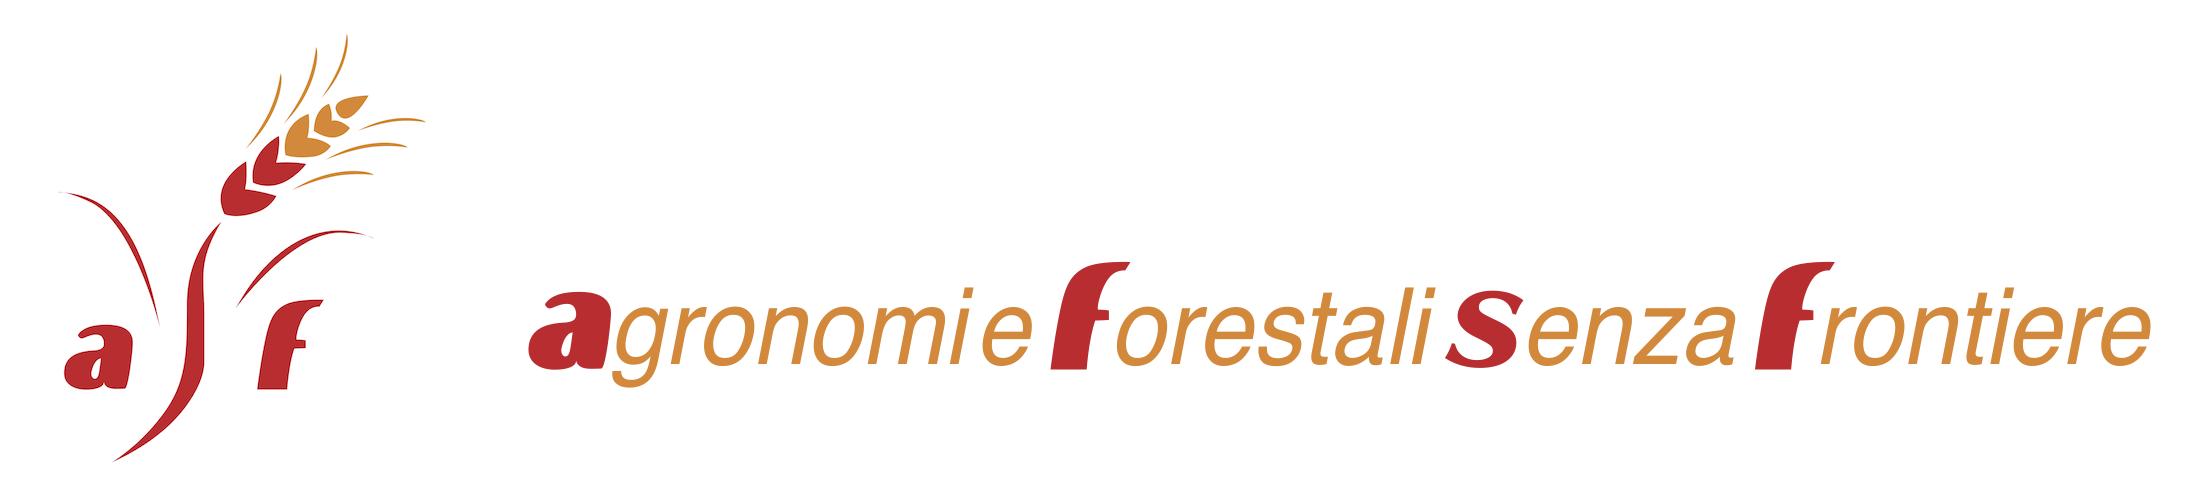 Agronomi e Forestali Senza Frontiere